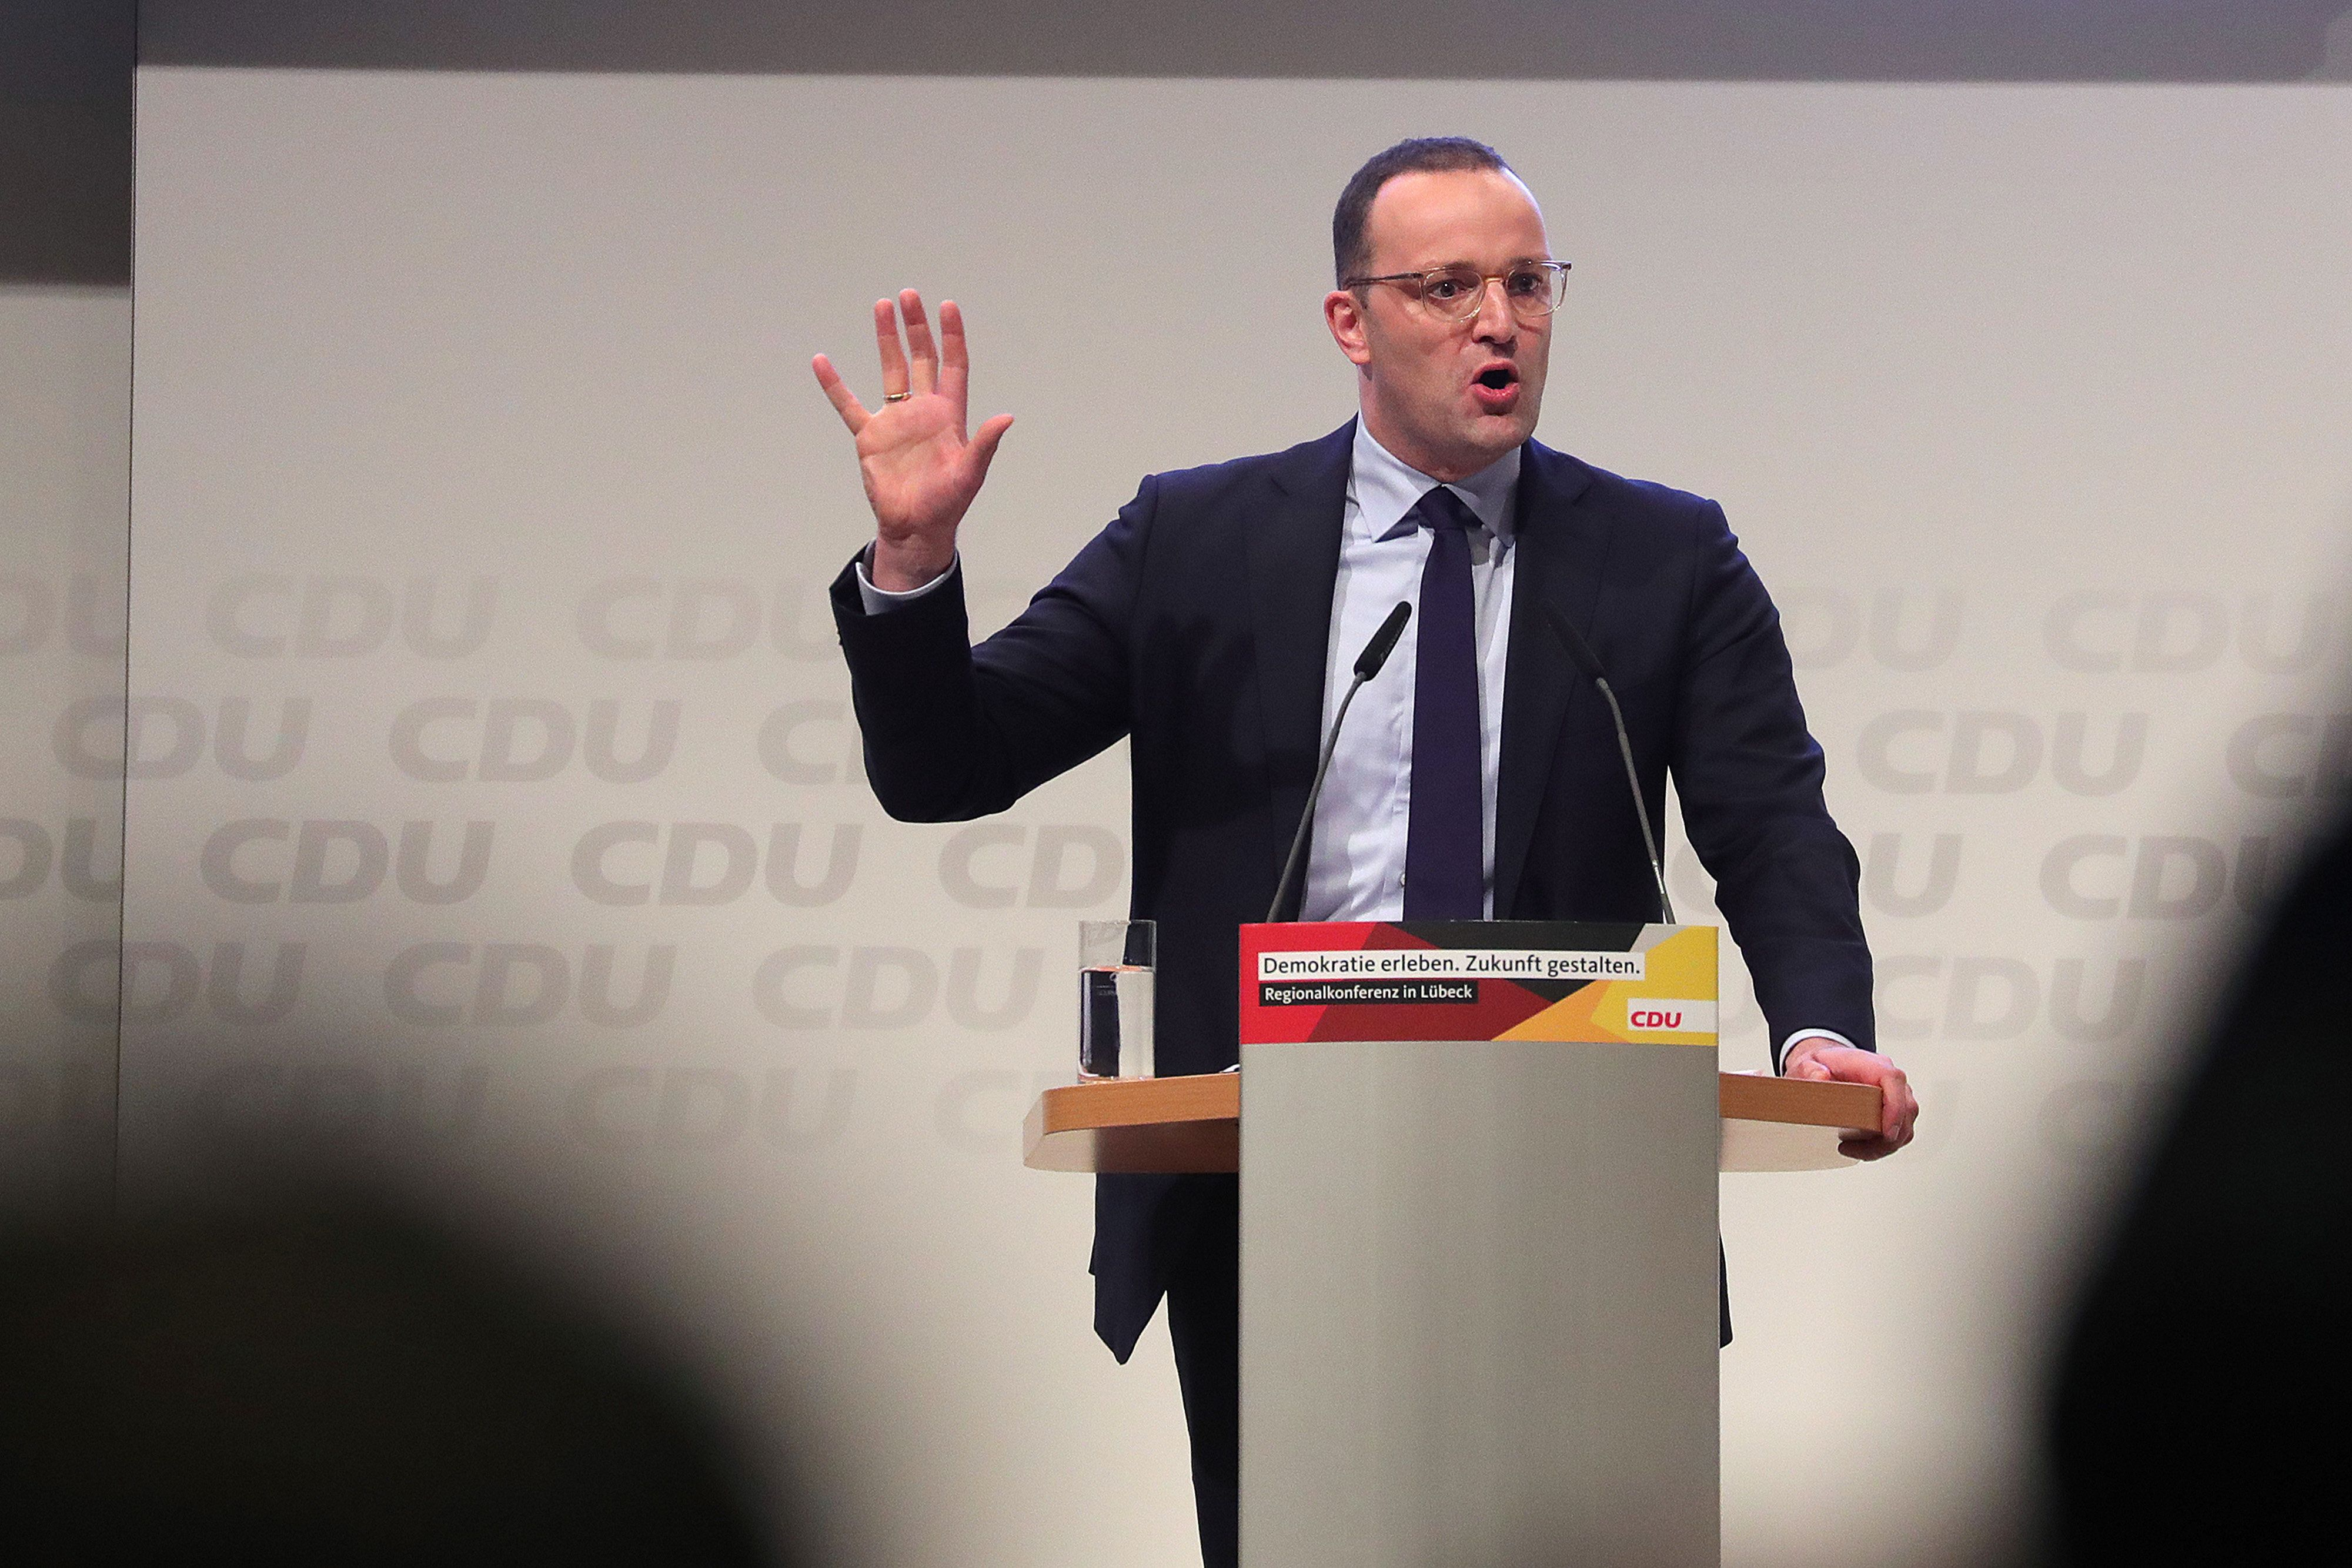 Migrationspakt: Spahn fordert CDU-Abstimmung über